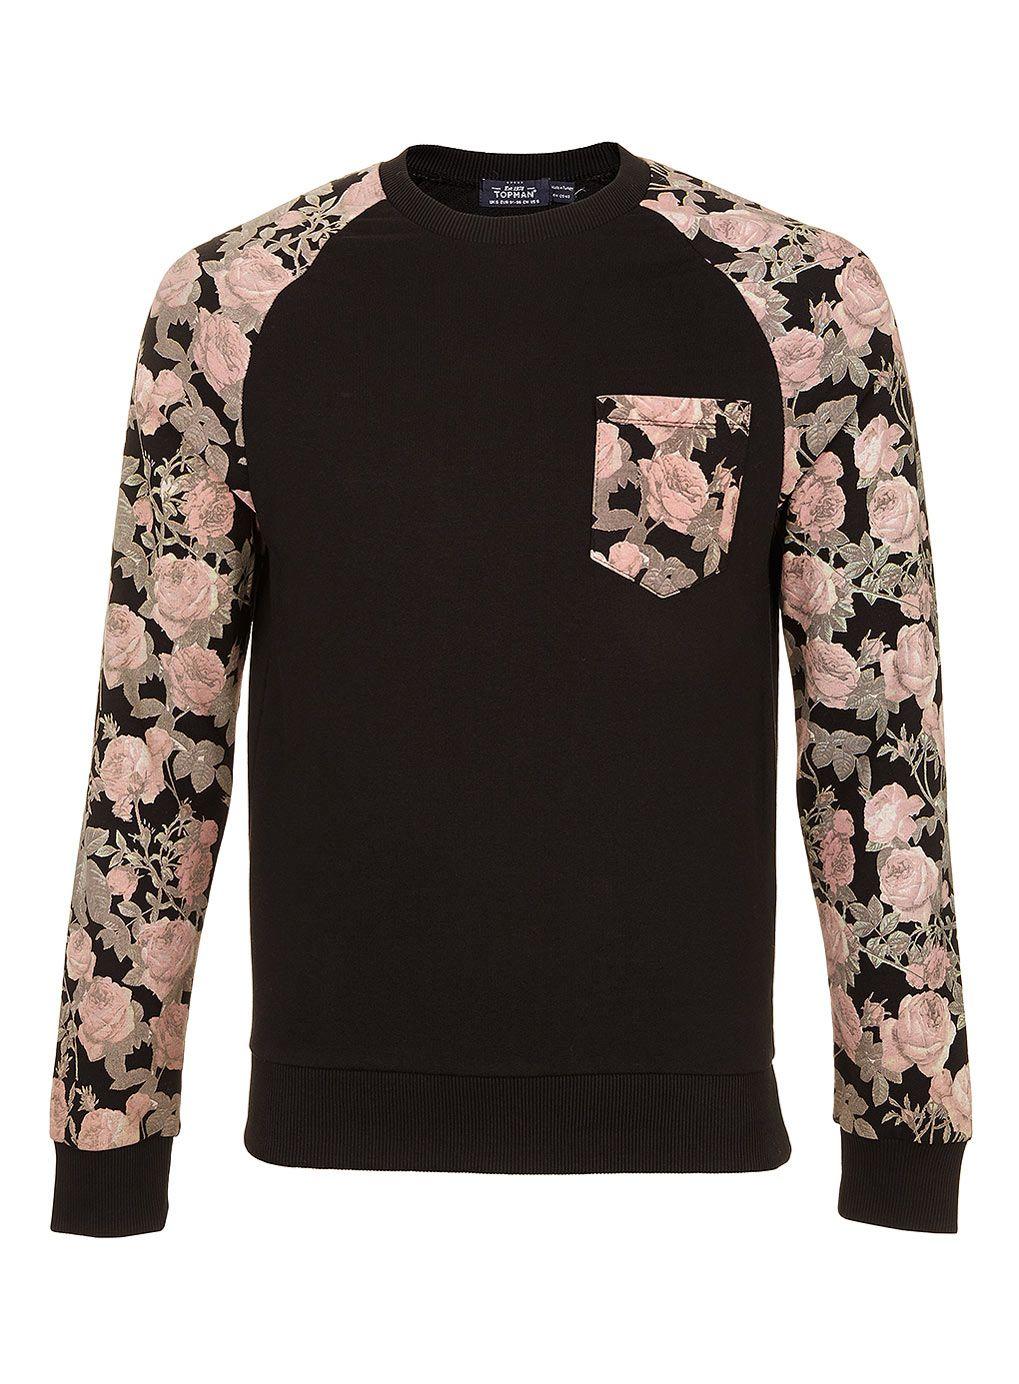 Black Rose Sleeve Patterned Sweatshirt - Men's Sweatshirts - Clothing -  TOPMAN